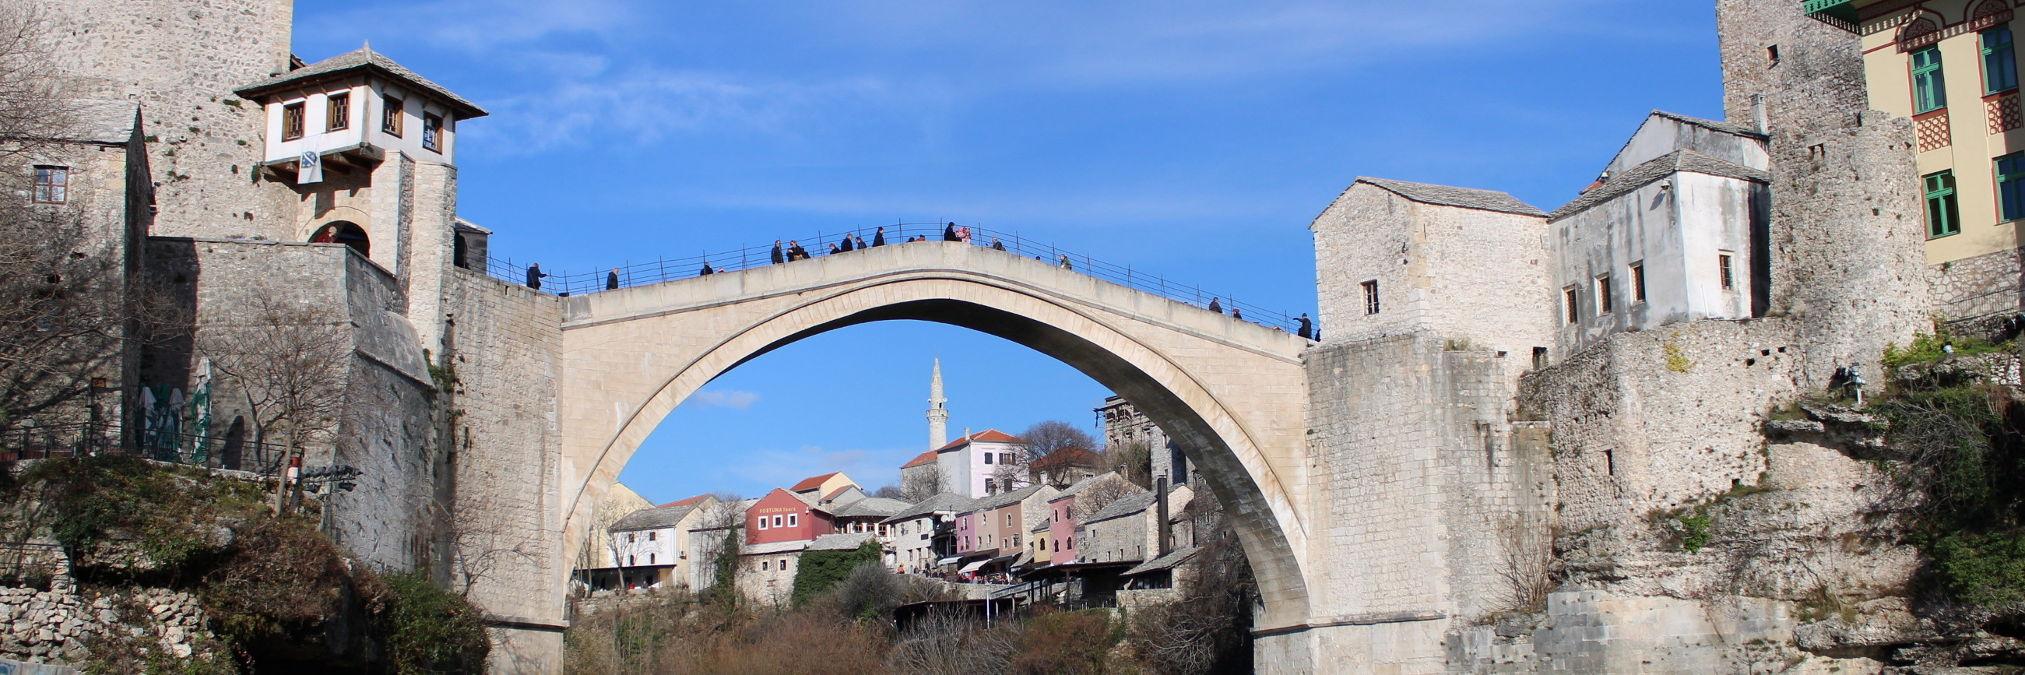 Мостар. Обзорная экскурсия. Фото: Елена Арсениевич, CC BY-SA 3.0